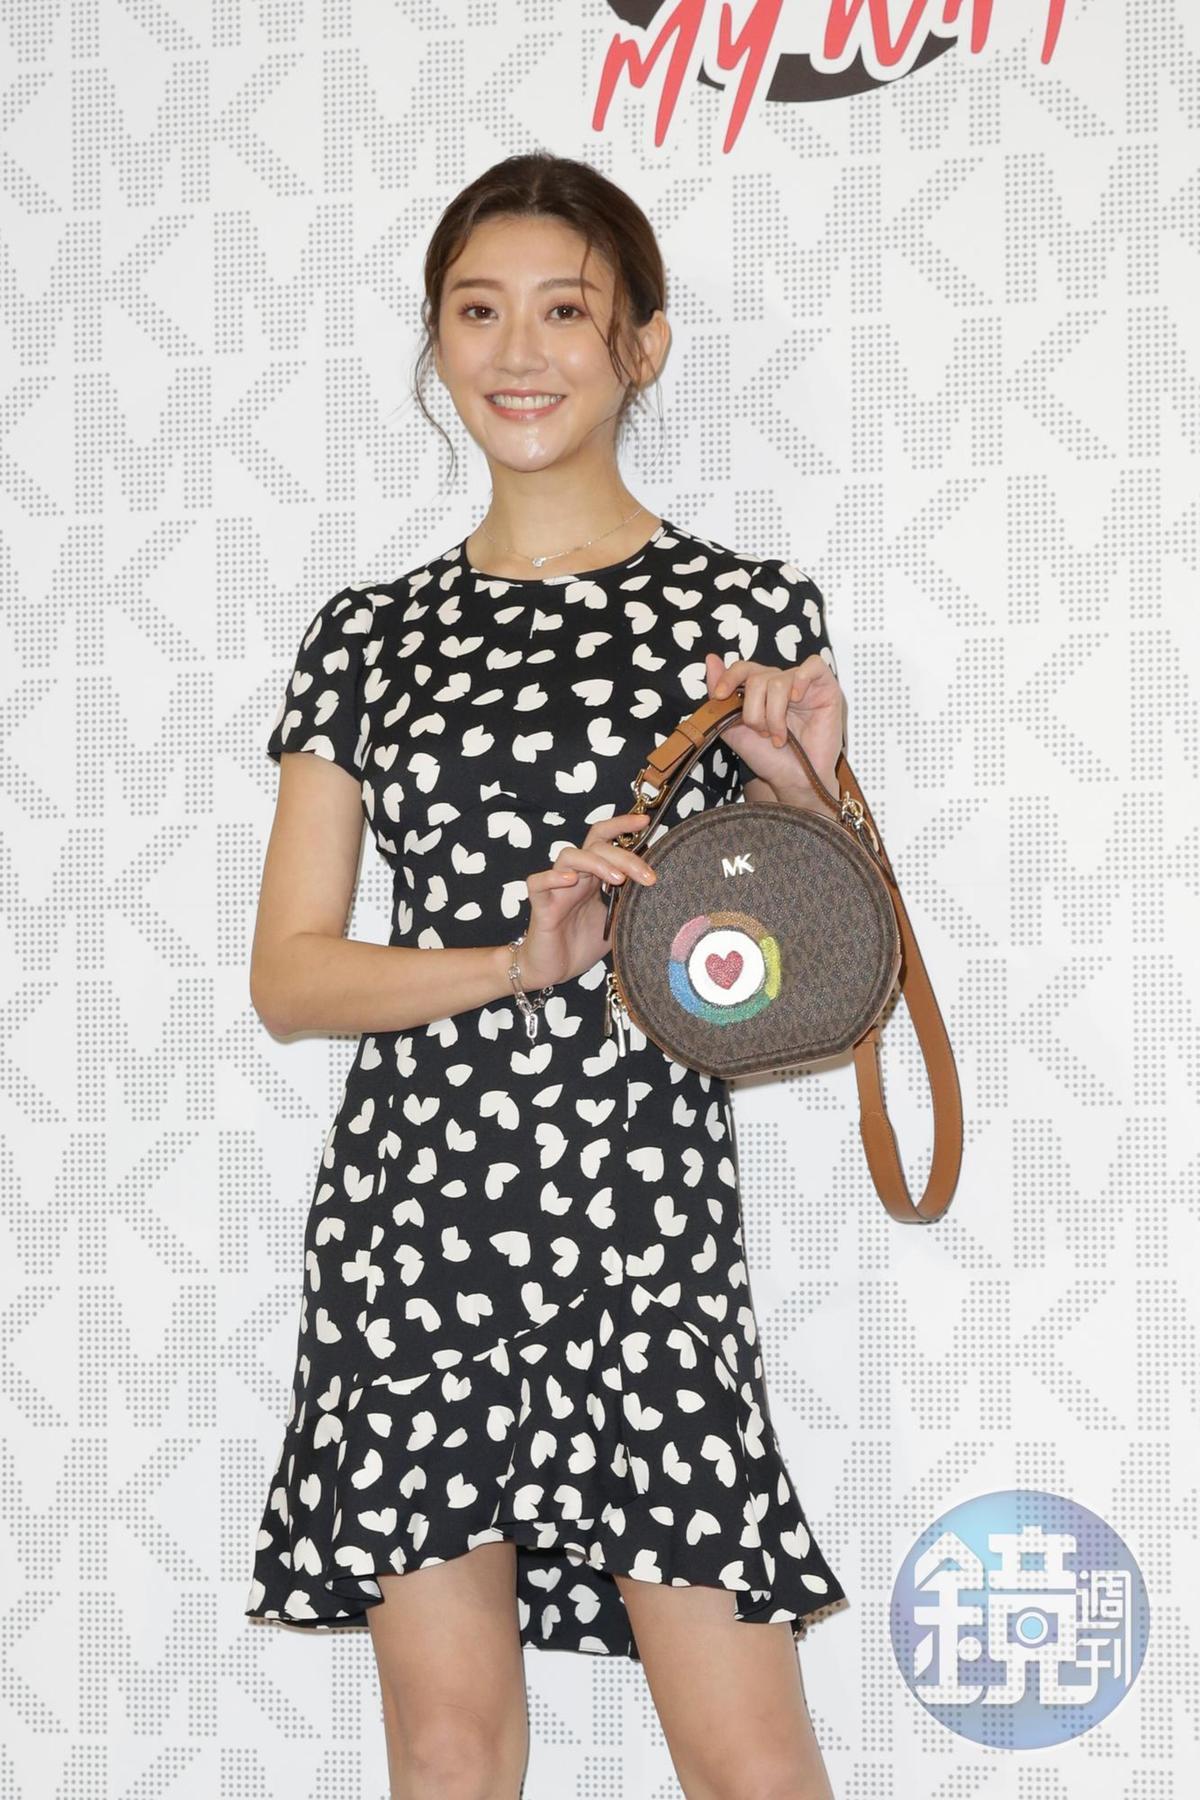 「小許瑋倫」林逸欣在MK老花包繪畫上一顆心︰「想代表是『逸欣』獨創作品,所以畫了『一心』~」